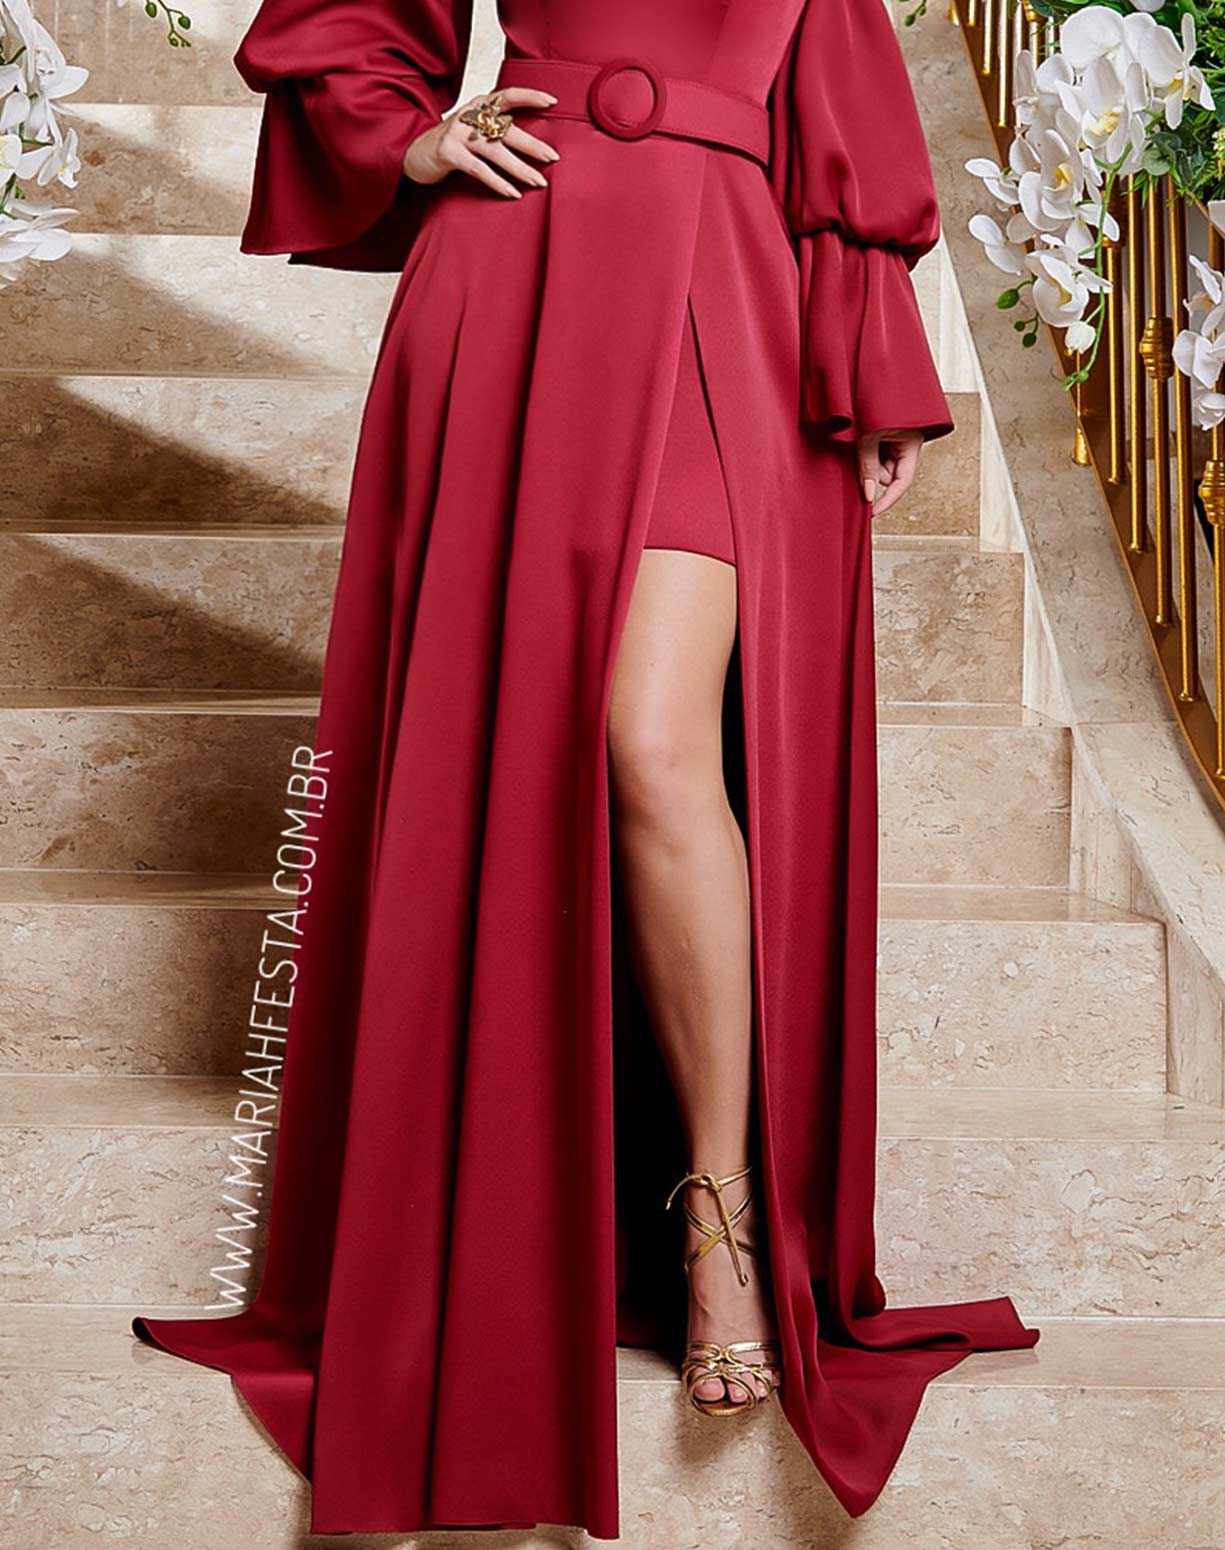 Vestido Marsala  Manga Bufante com Fenda